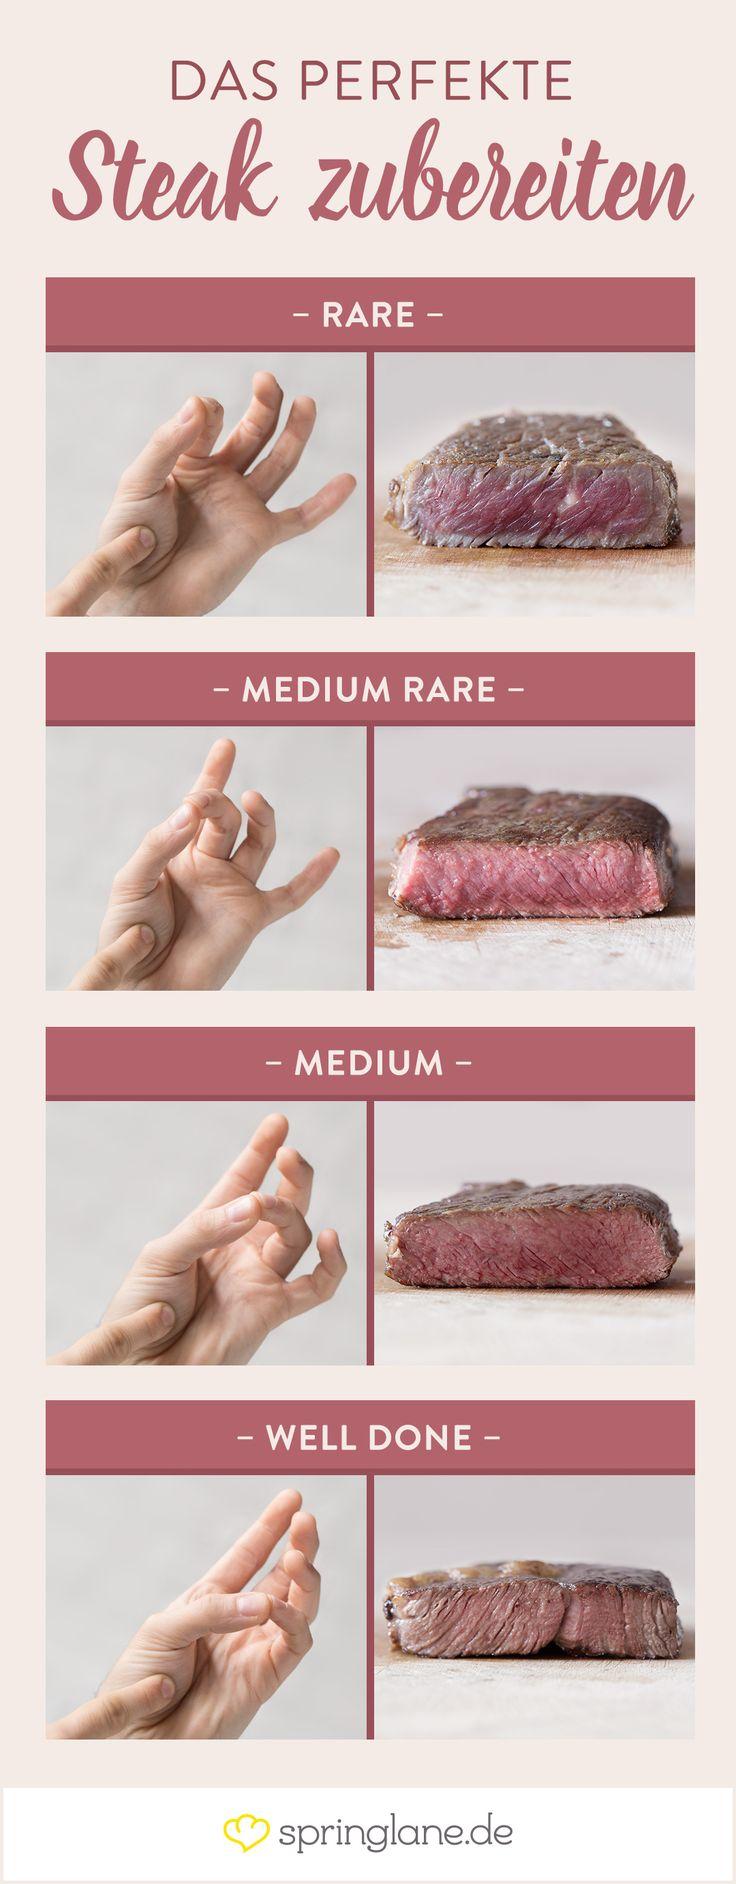 Du möchtest das perfekte Steak zu Hause zubereiten? Hintergrundwissen, Tipps und Tricks vom Salzen bis zum Braten und Grillen findest du in diesem Guide.